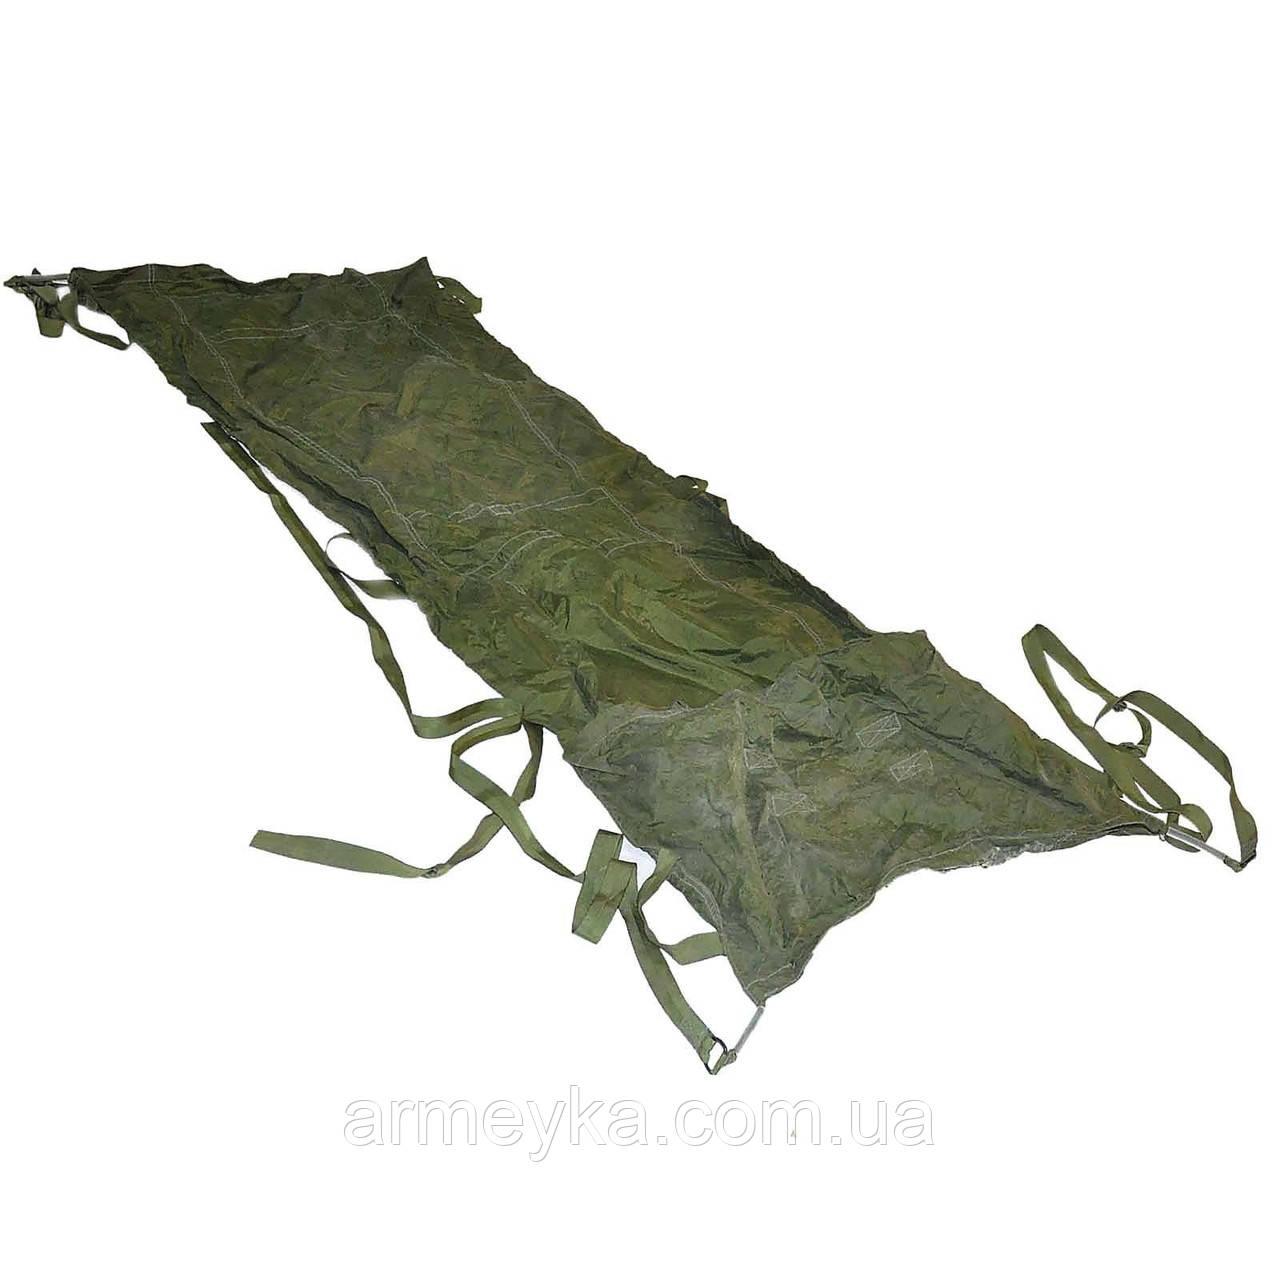 Походный гамак-носилки. ВС Великобритании, оригинал